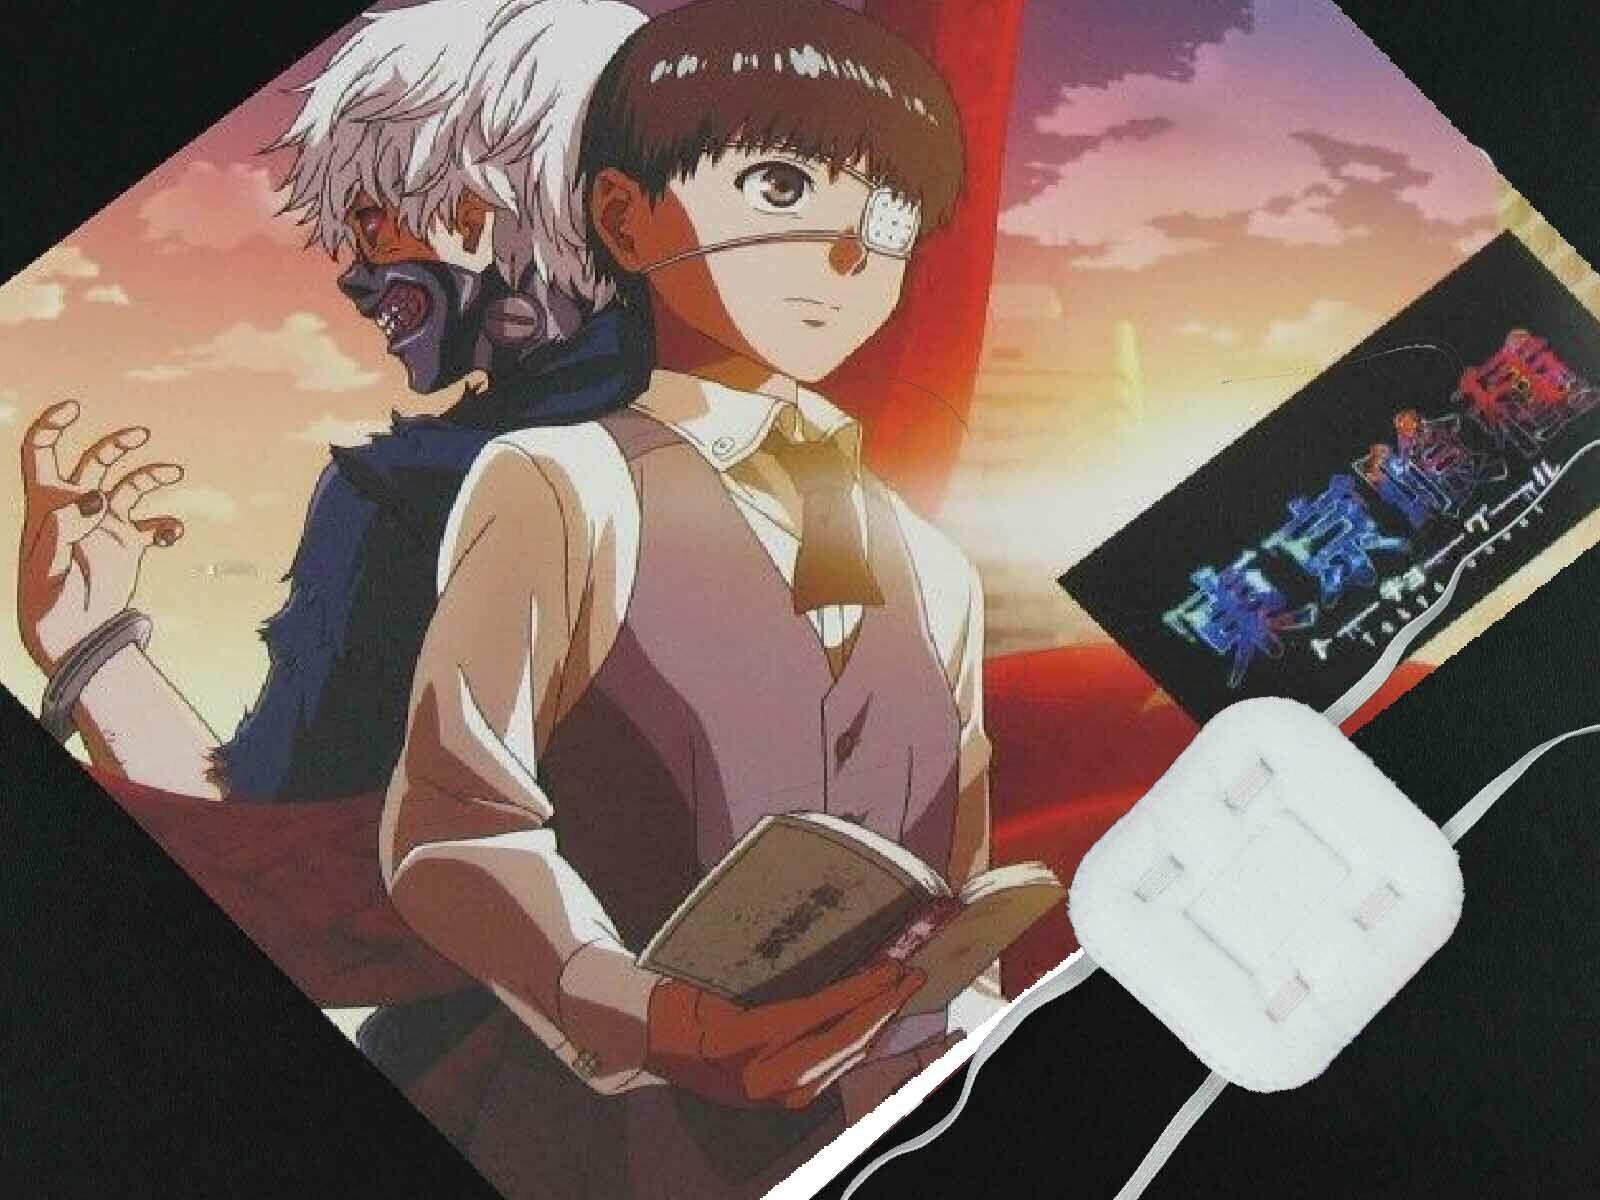 Anime Tokyo Ghoul Kaneki Blinder Weiße Augenklappe Einäugige Maske Cospldd ML